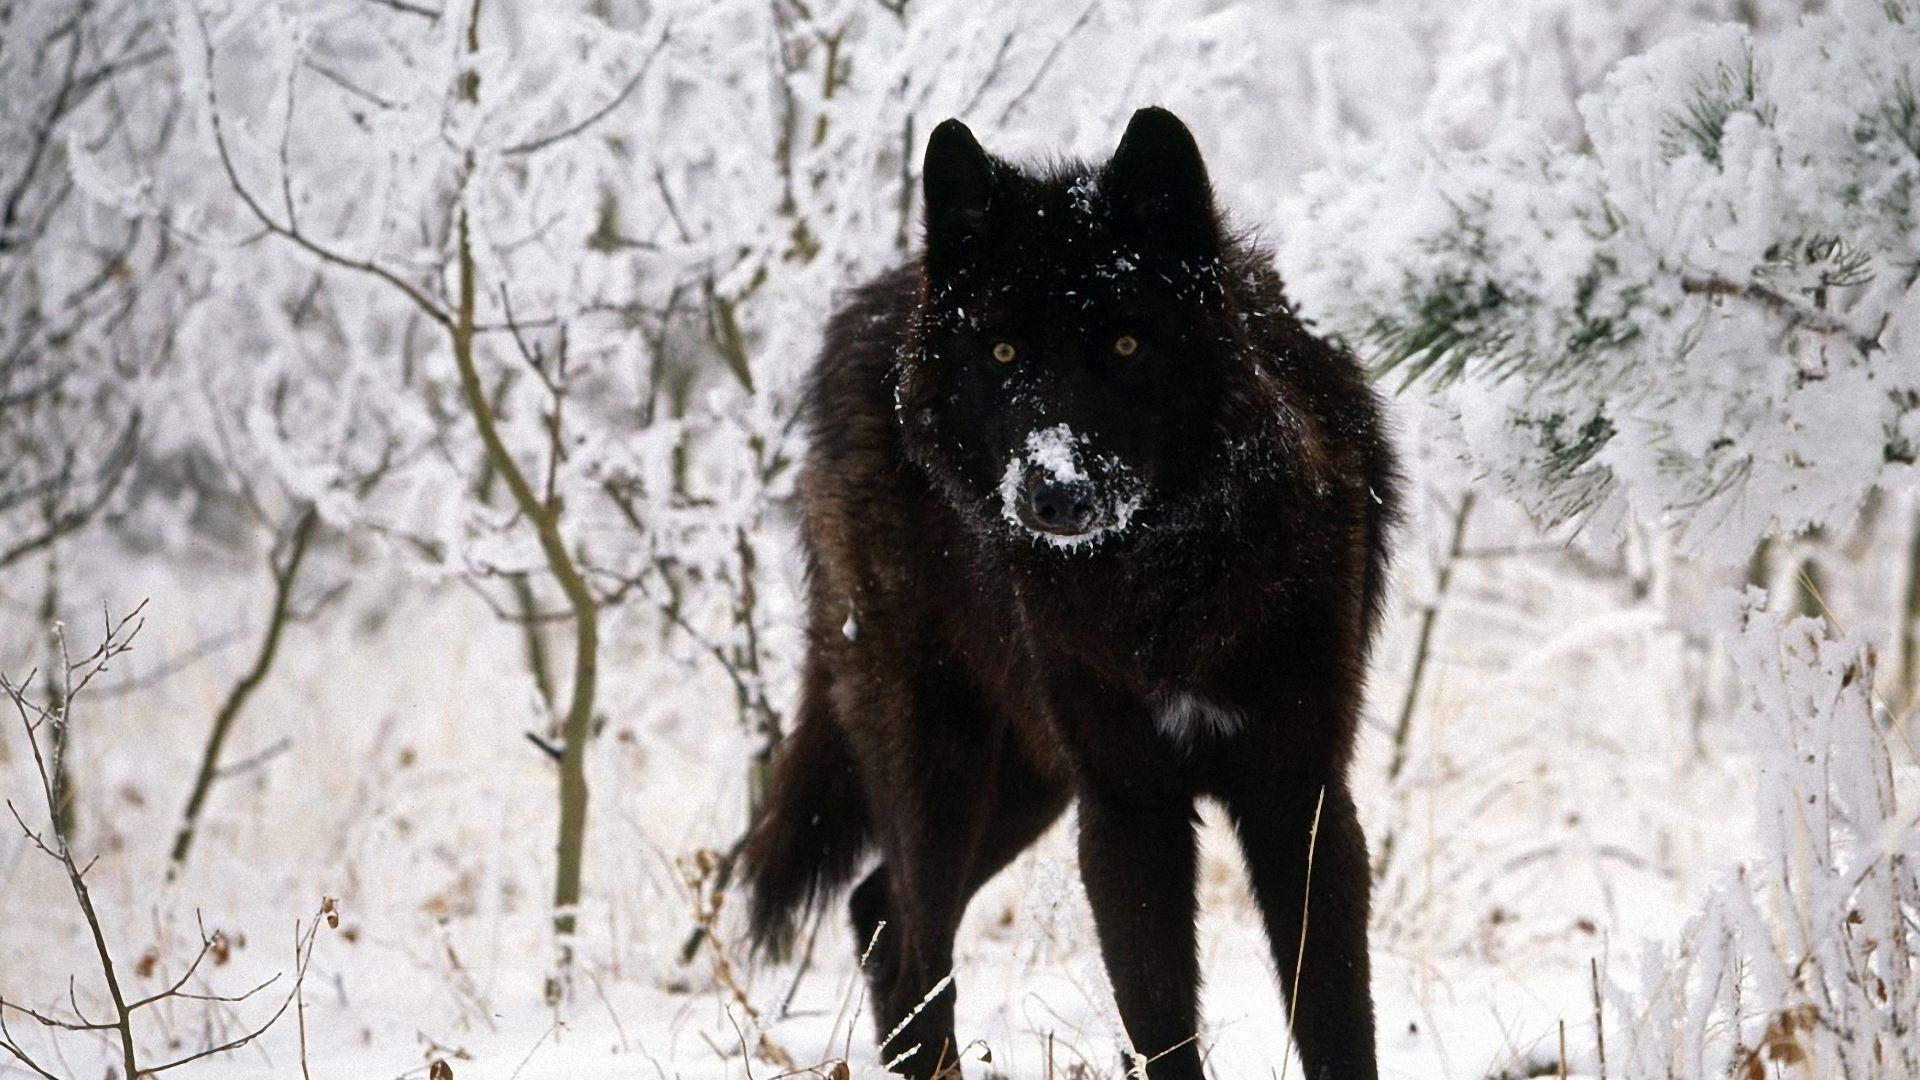 Black wolf winter wallpaper | 1920x1080 | 568906 | WallpaperUP